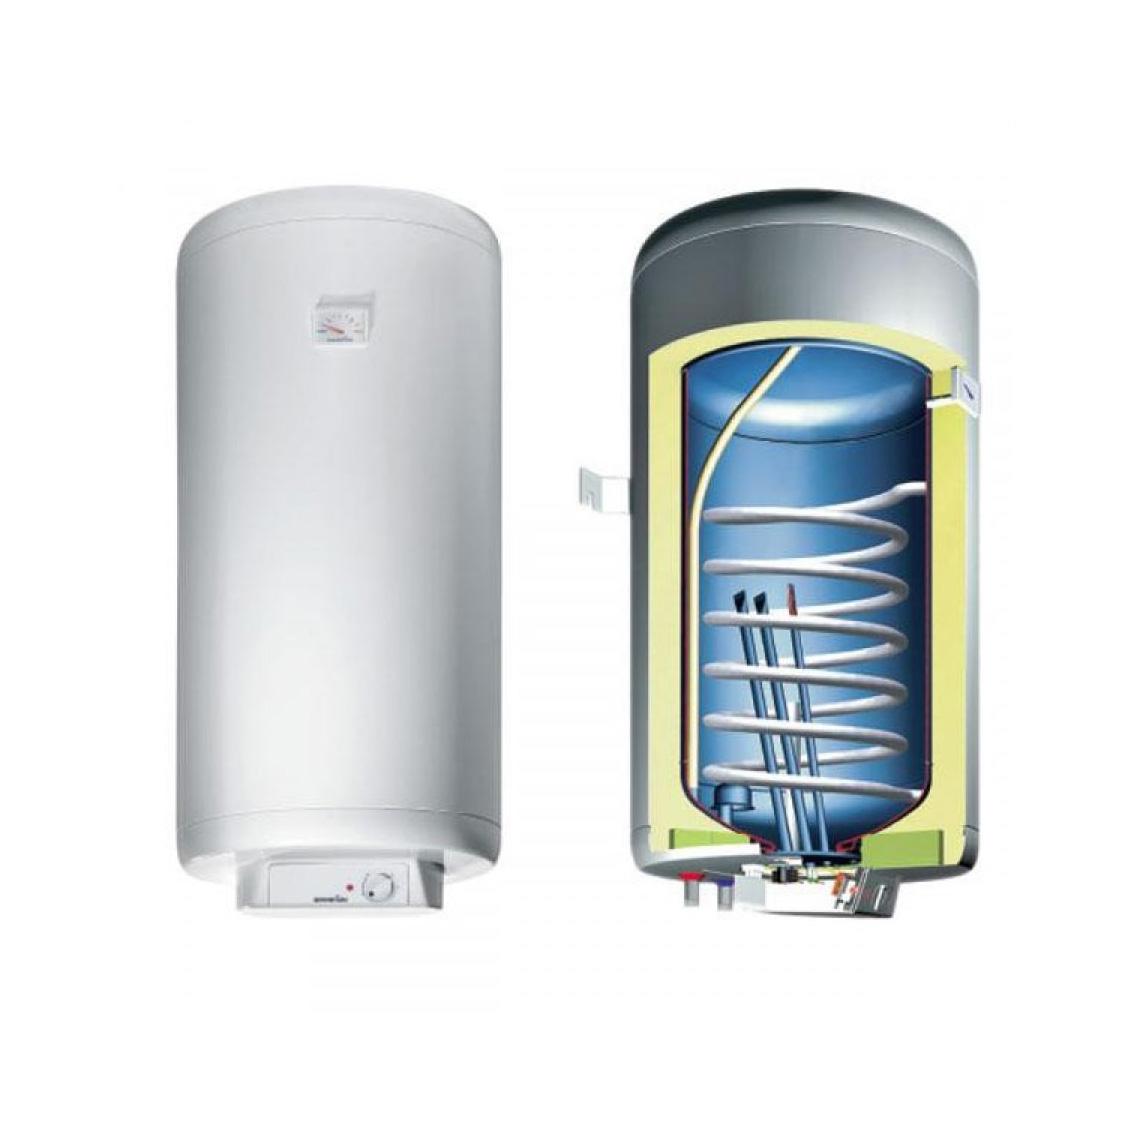 Очистка электрического водонагревателя от накипи